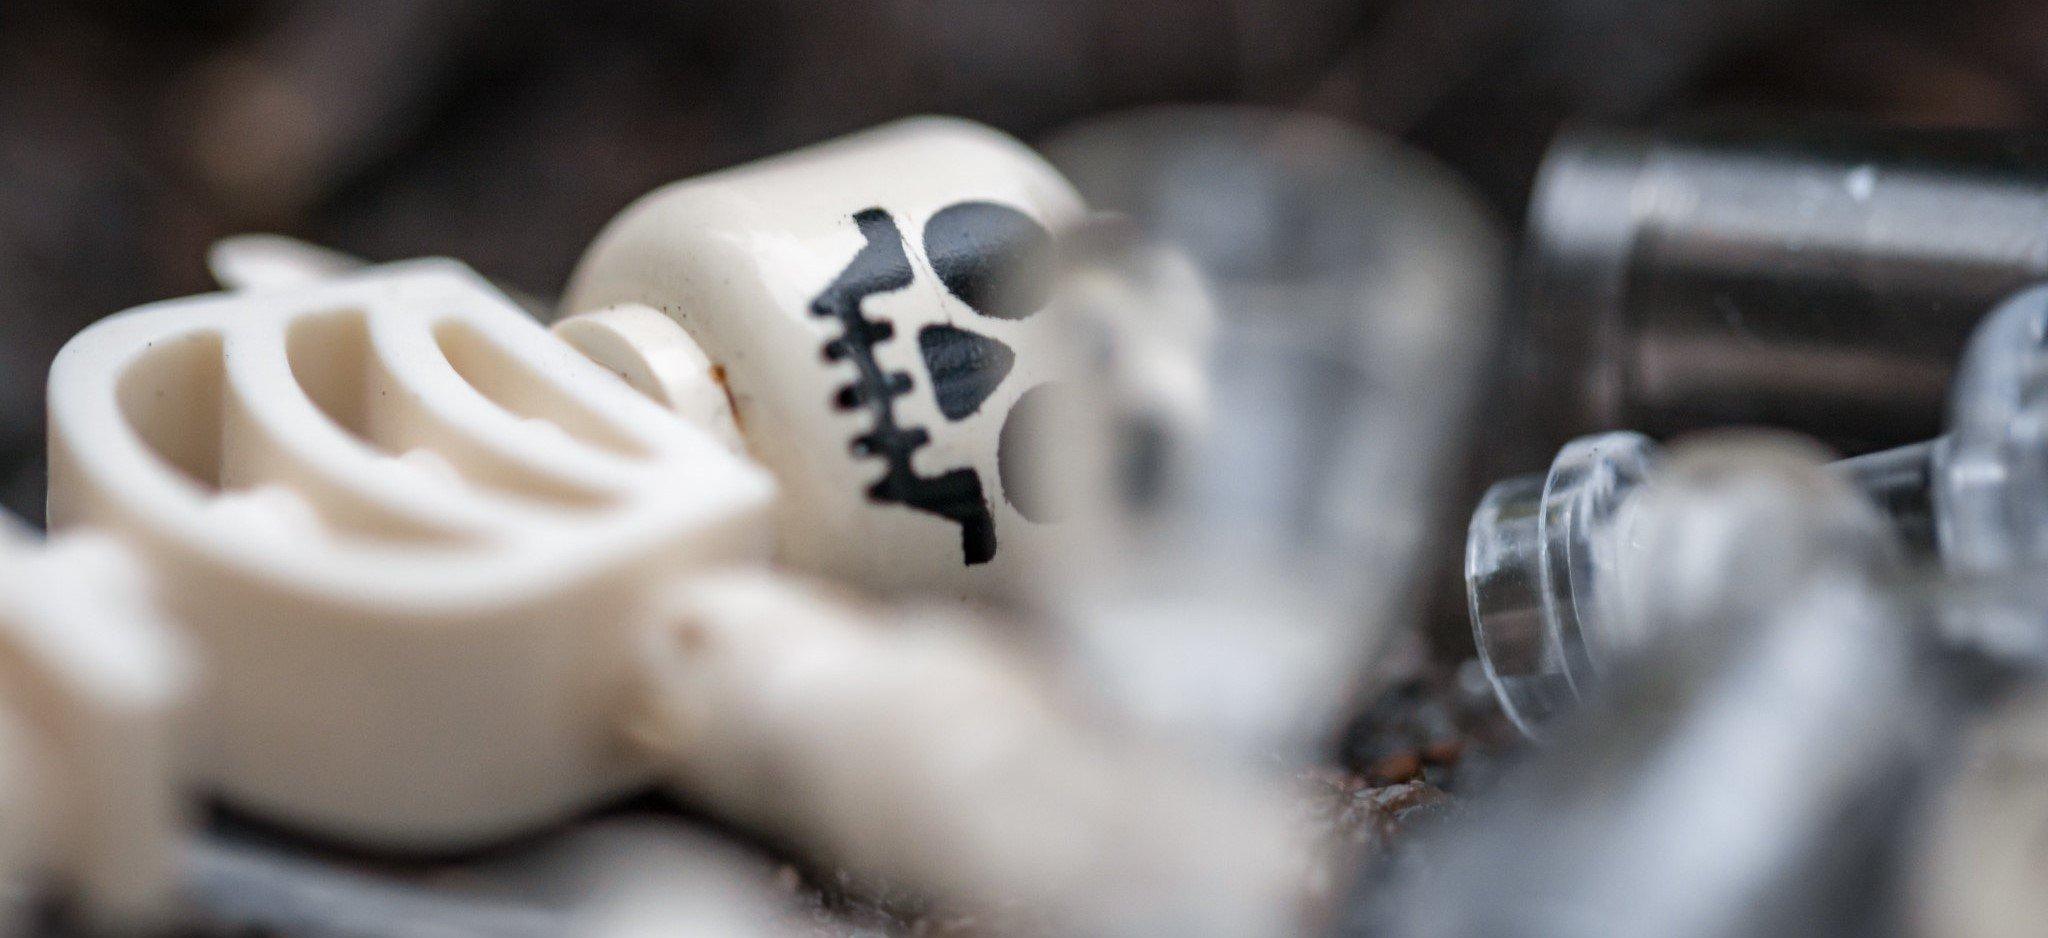 A LEGO skeleton